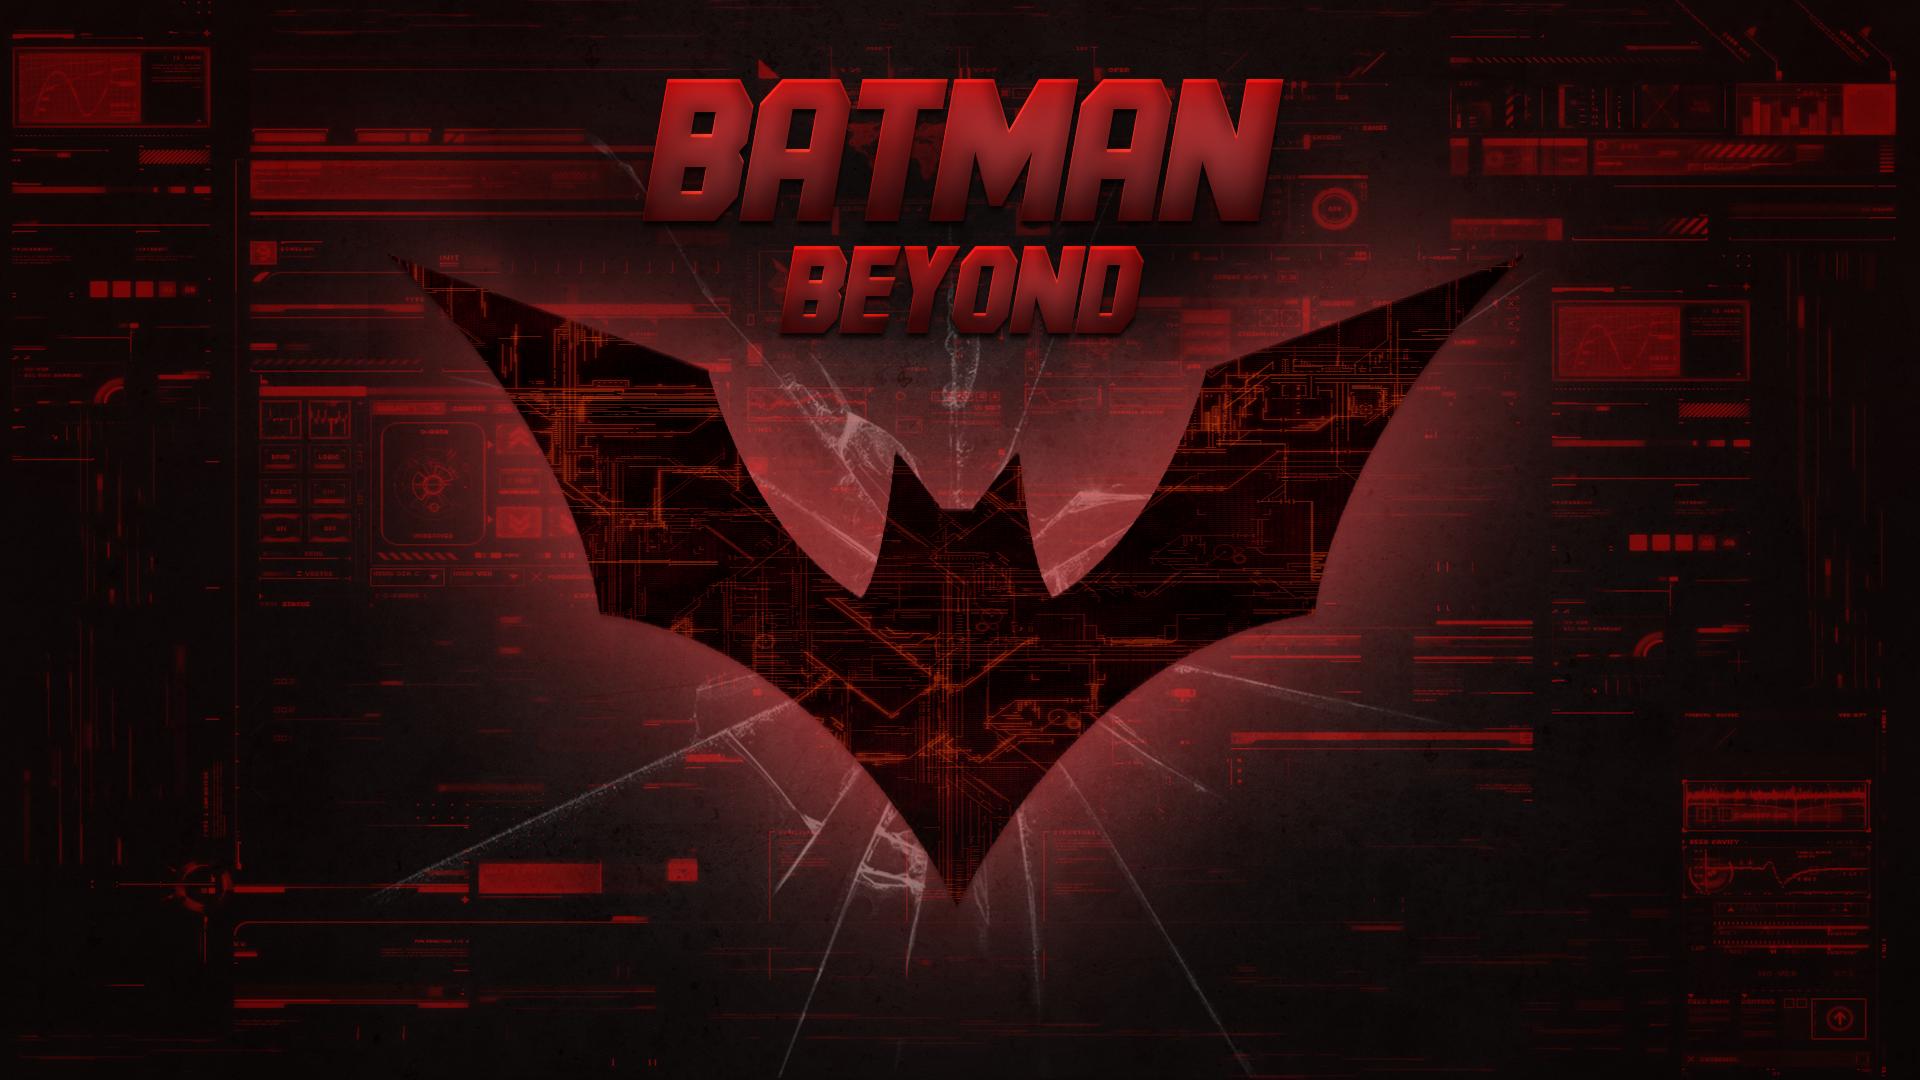 Batman Beyond Logo Wallpaper 1920x1080 HD by RevafallArts ...  Batman Beyond Logo Wallpaper Hd